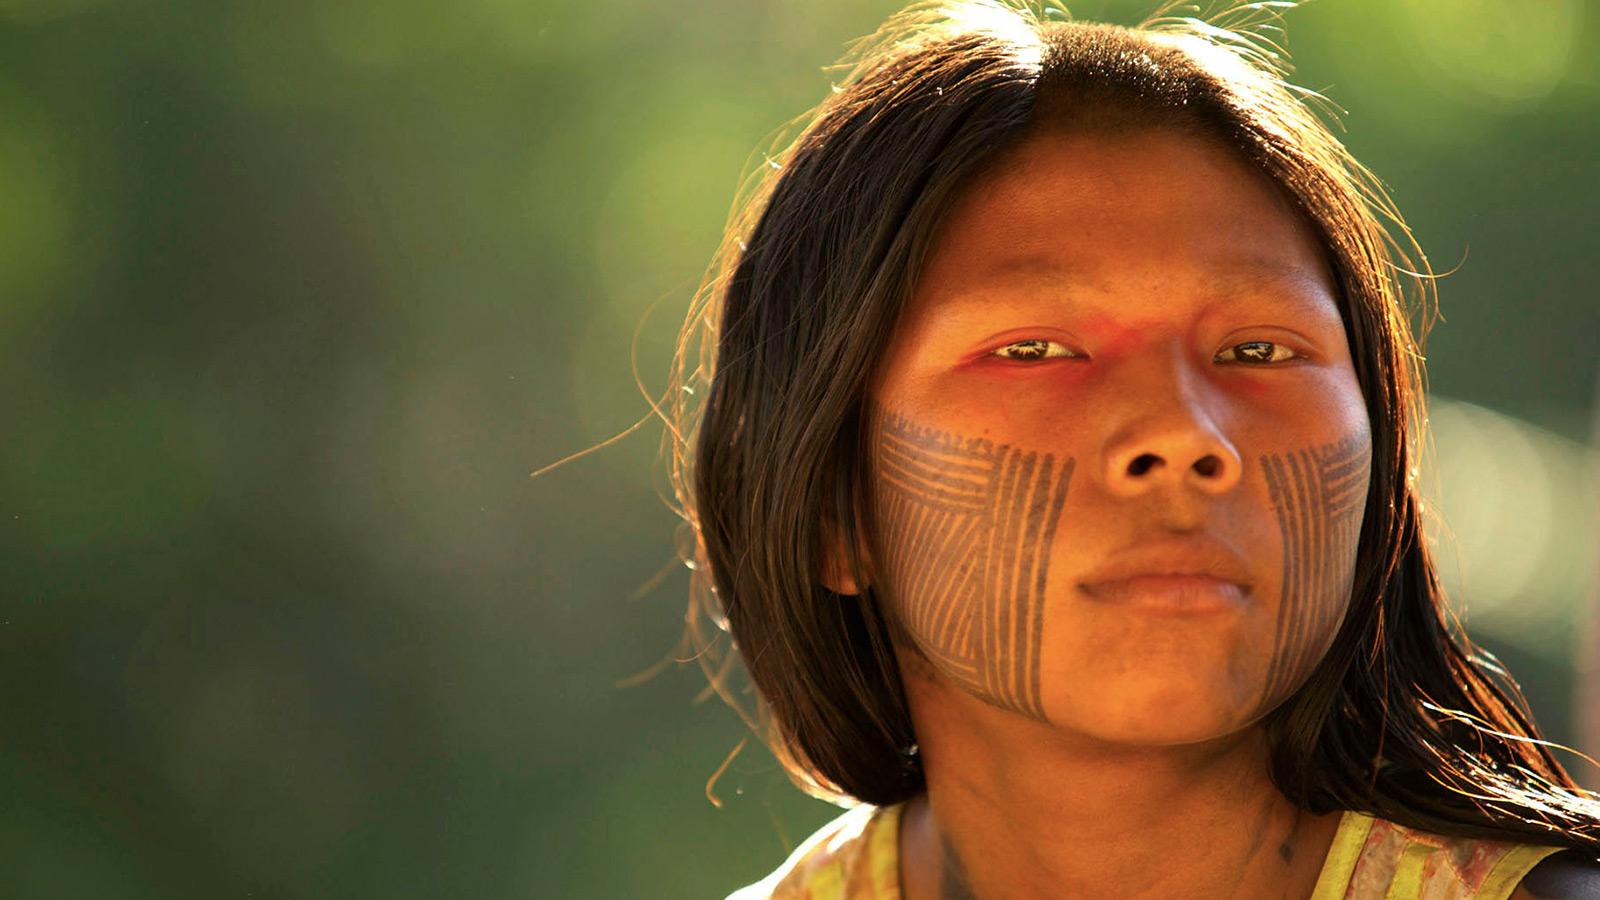 A história cearense está marcada pela triste realidade de extermínio indígena (Foto: Reprodução/Internet)